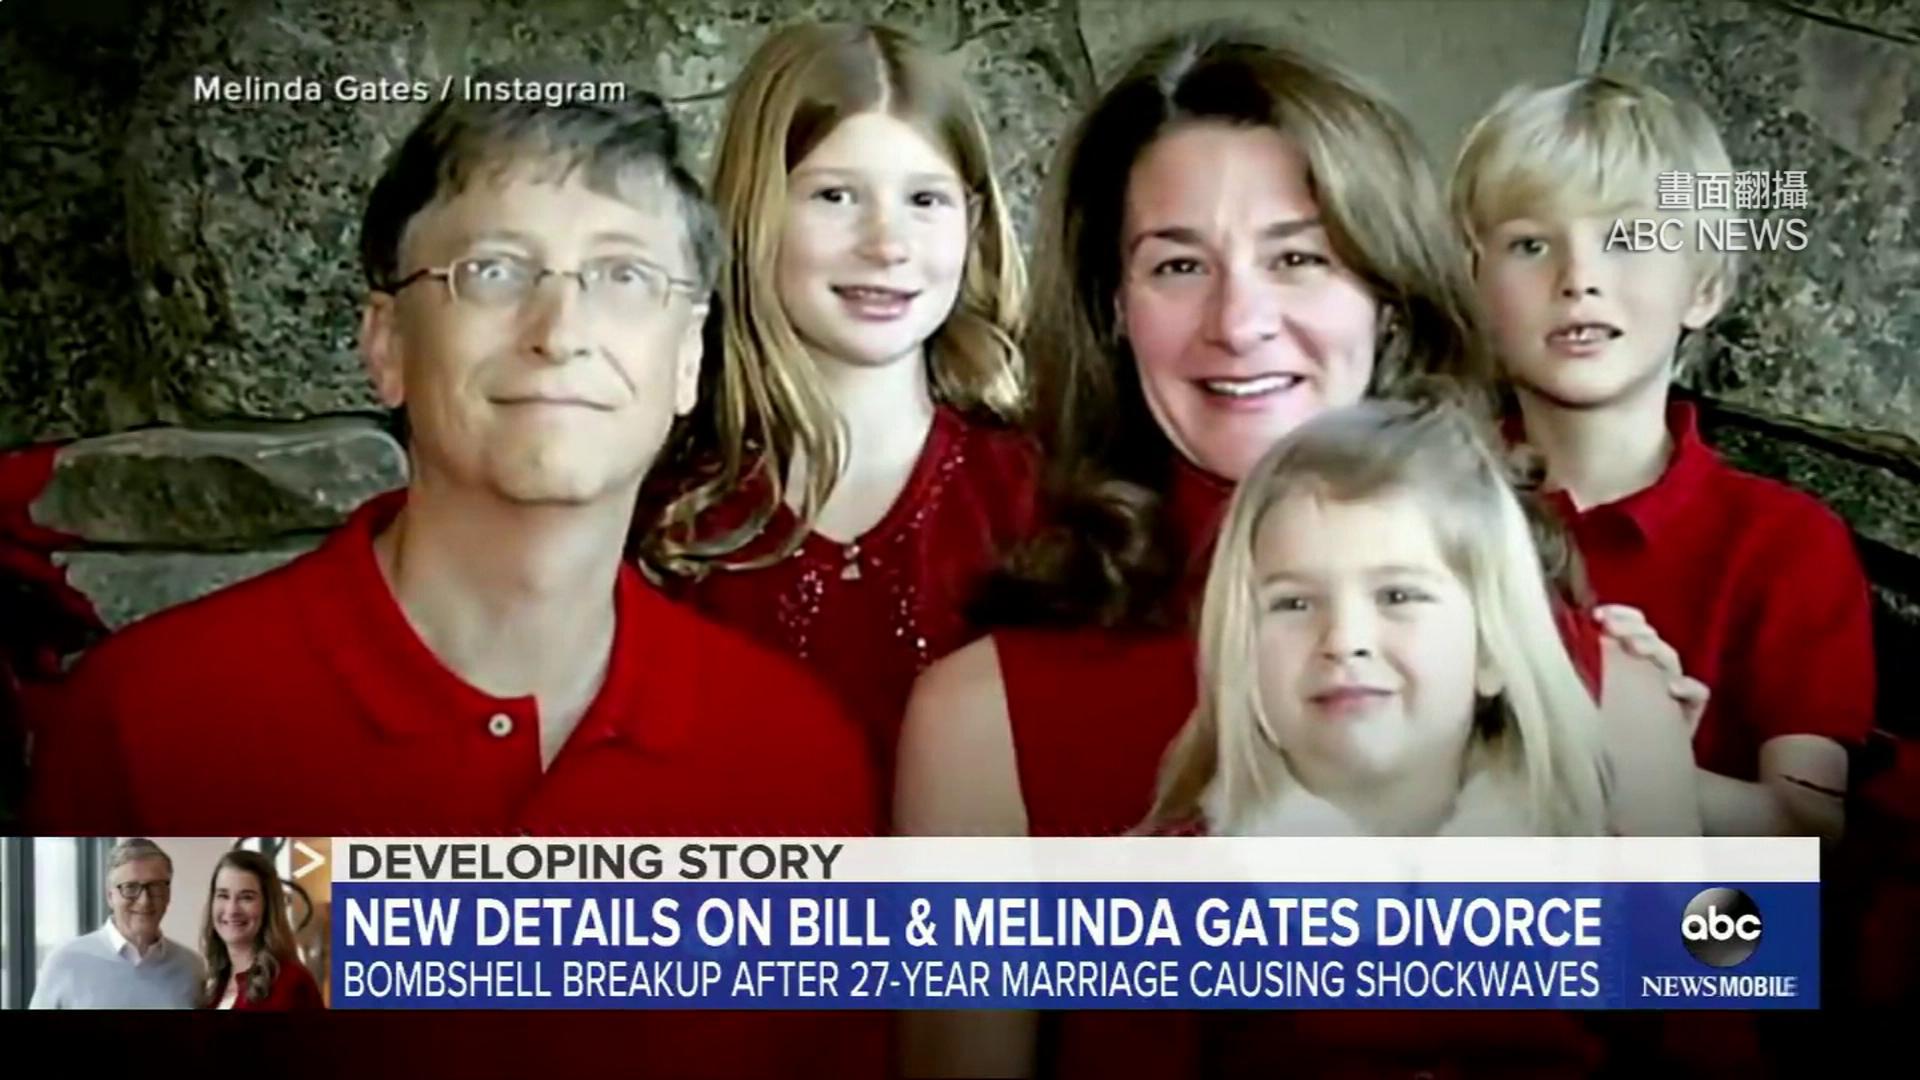 傳3女子氣憤老爸、挺老媽! 比爾蓋茲婚變原因曝